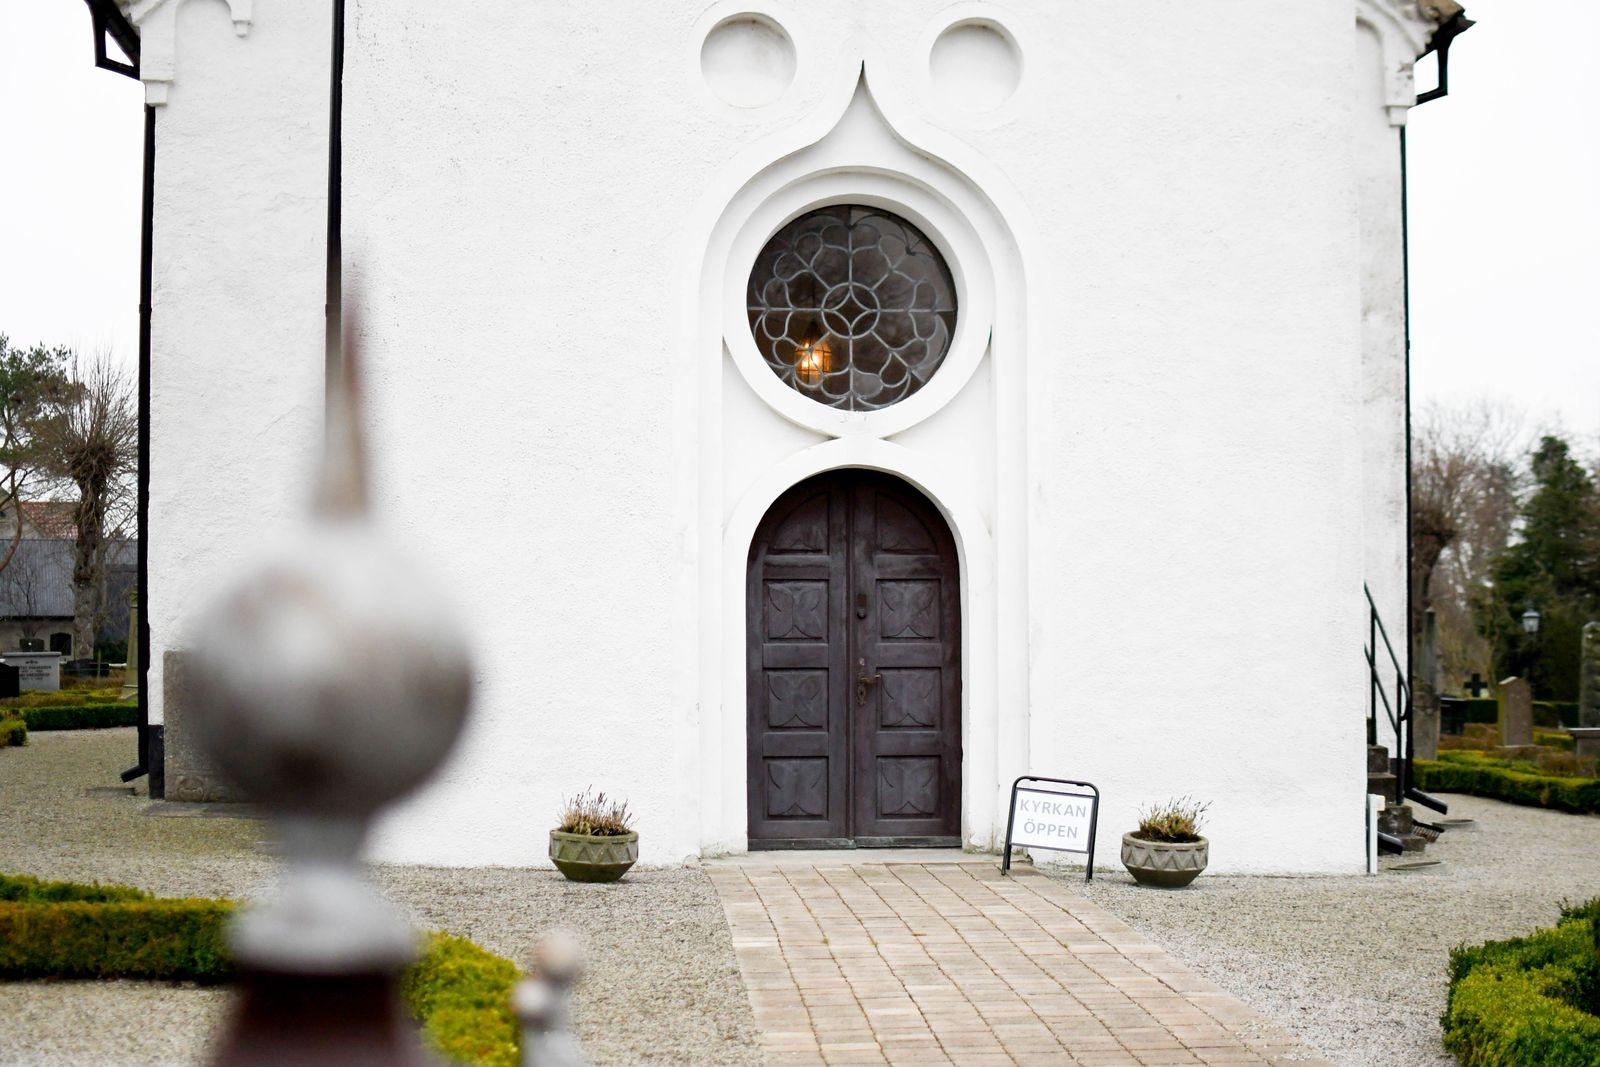 Kyrkorna är öppna några timmar varje söndag och även de flesta vardagar. Att det uppskattas syns på ljusbärarna som ofta är fyllda.